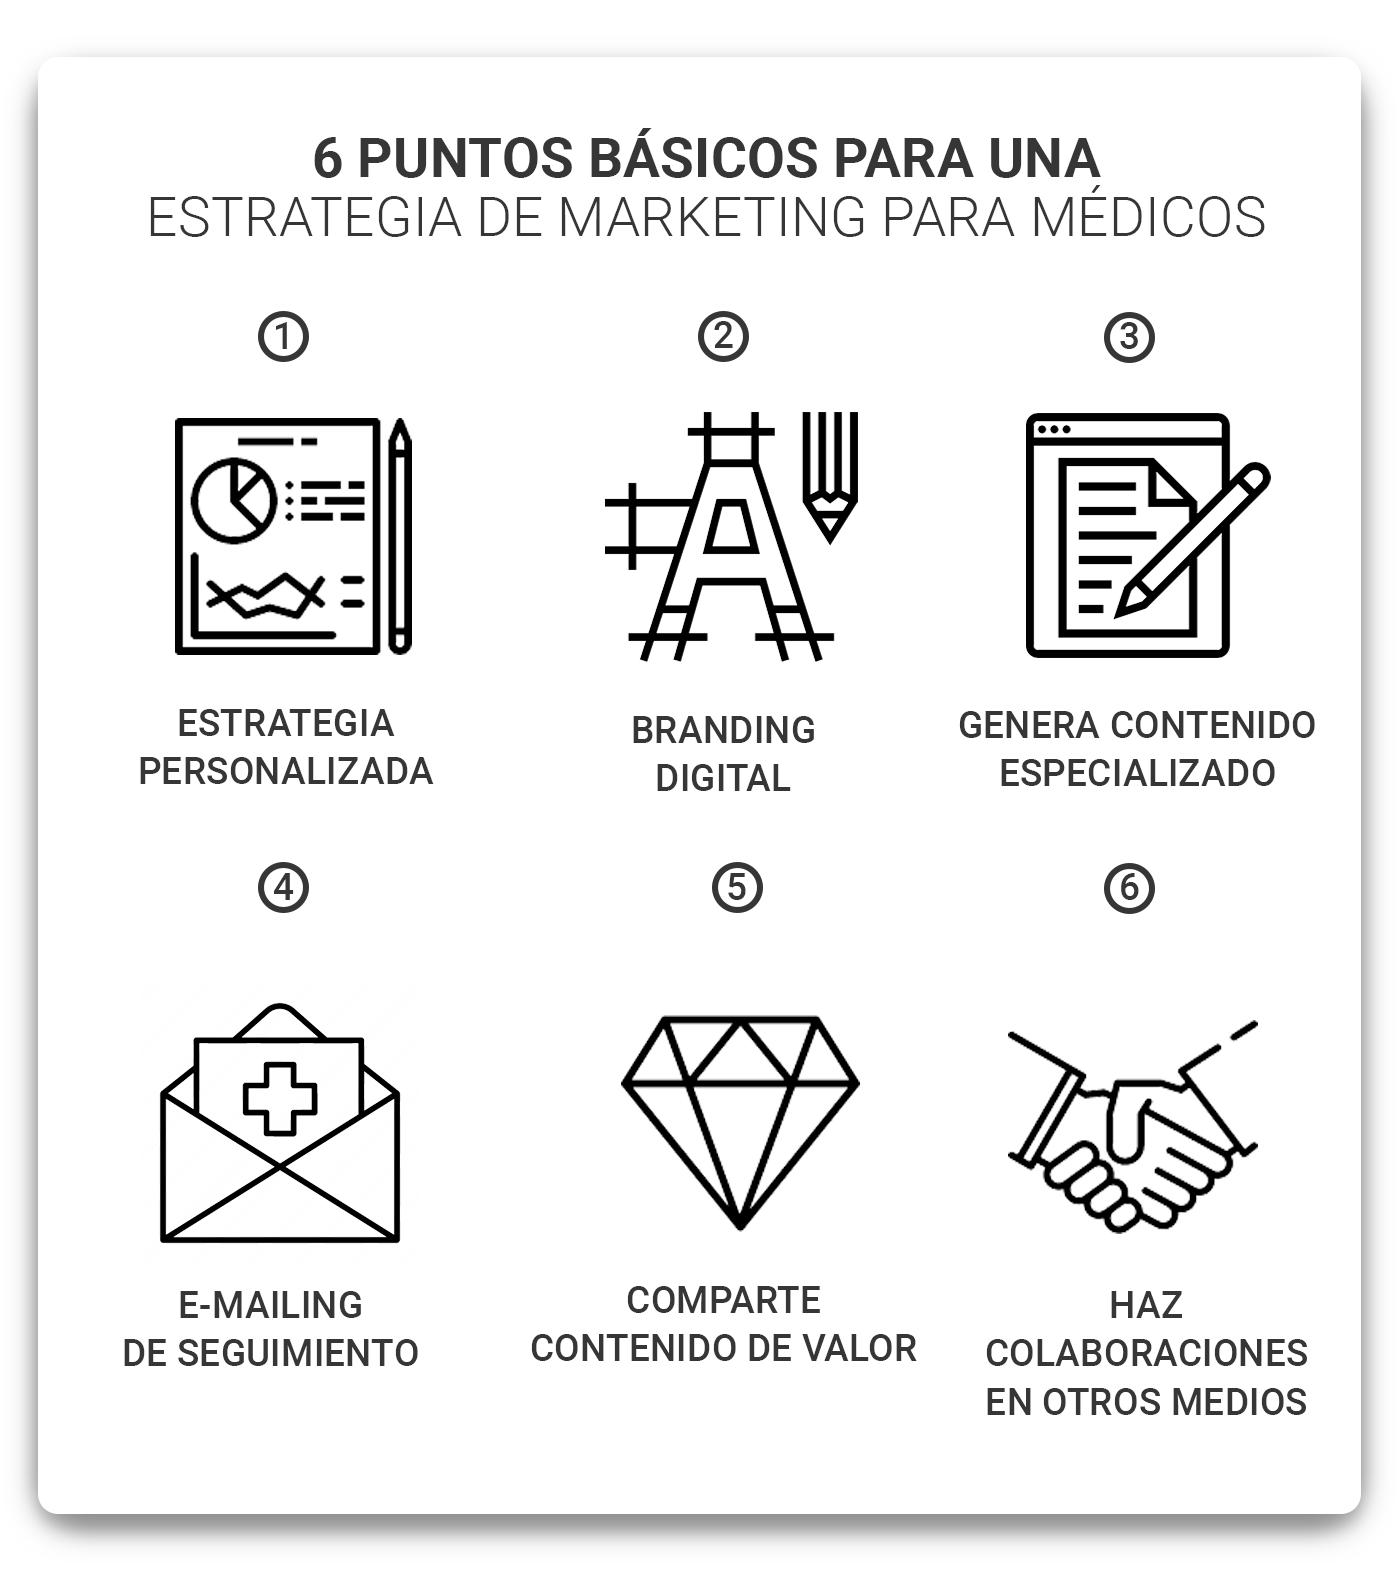 6-puntos-basicos-para-una-estrattegia-de-marketing-para-medicos